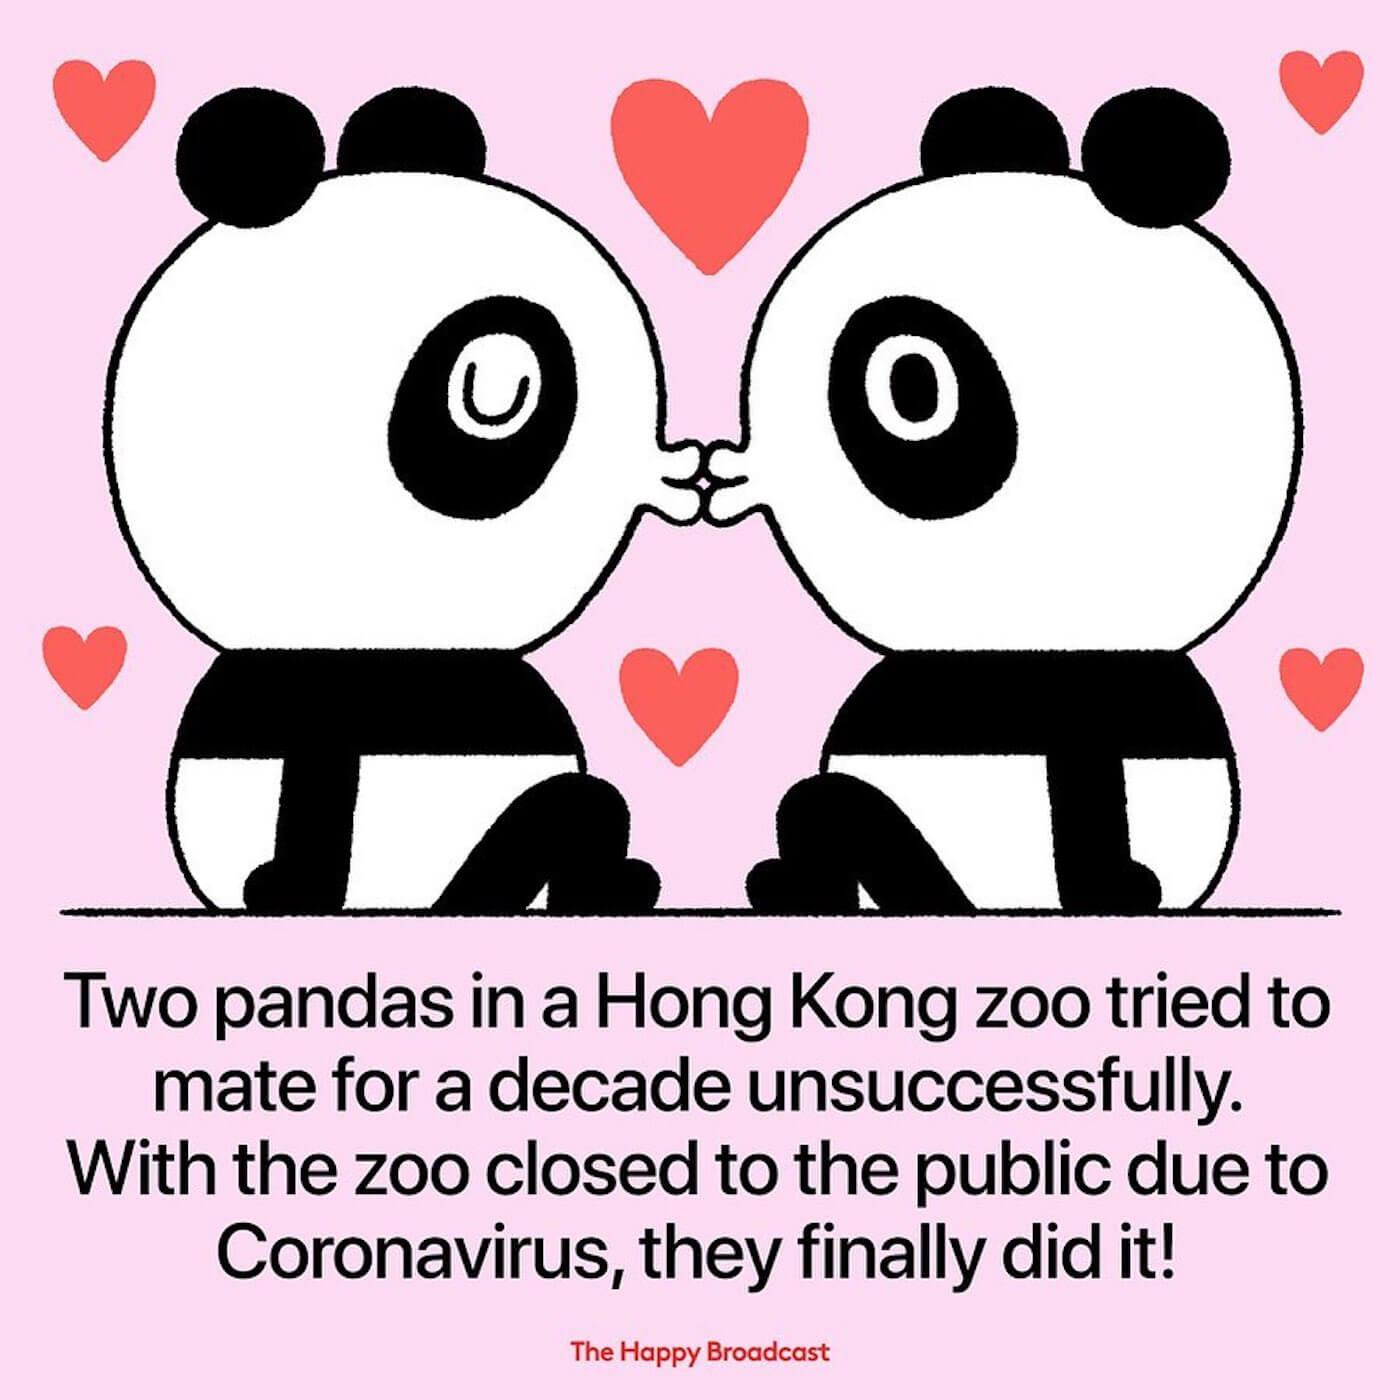 2 pandas ont enfin réussi à s'accoupler